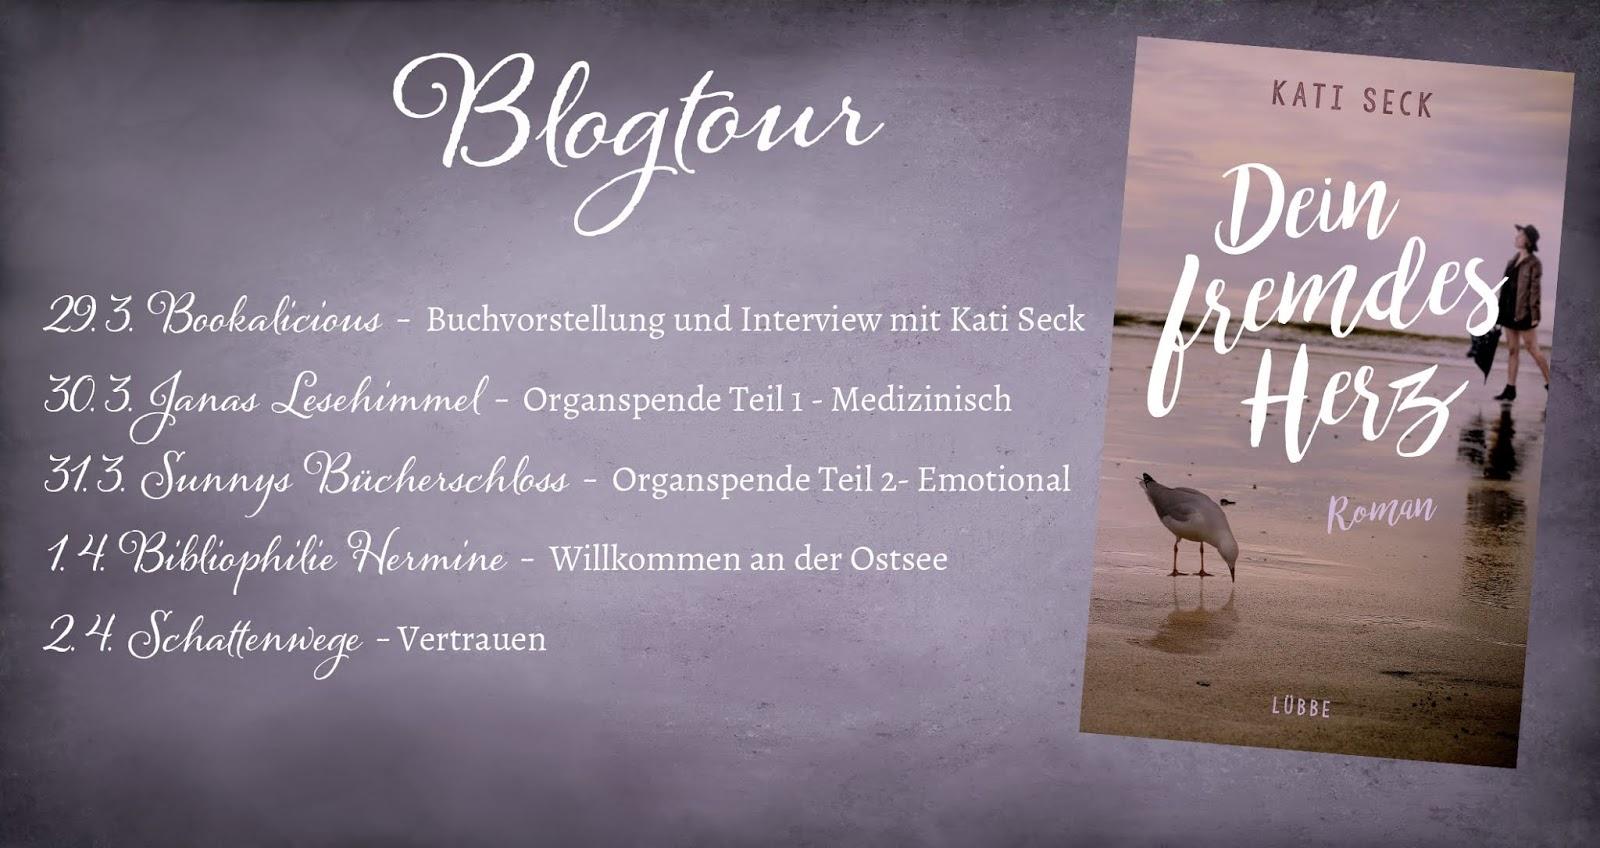 Bibliophilie Hermine Willkommen An Der Ostsee Blogtour